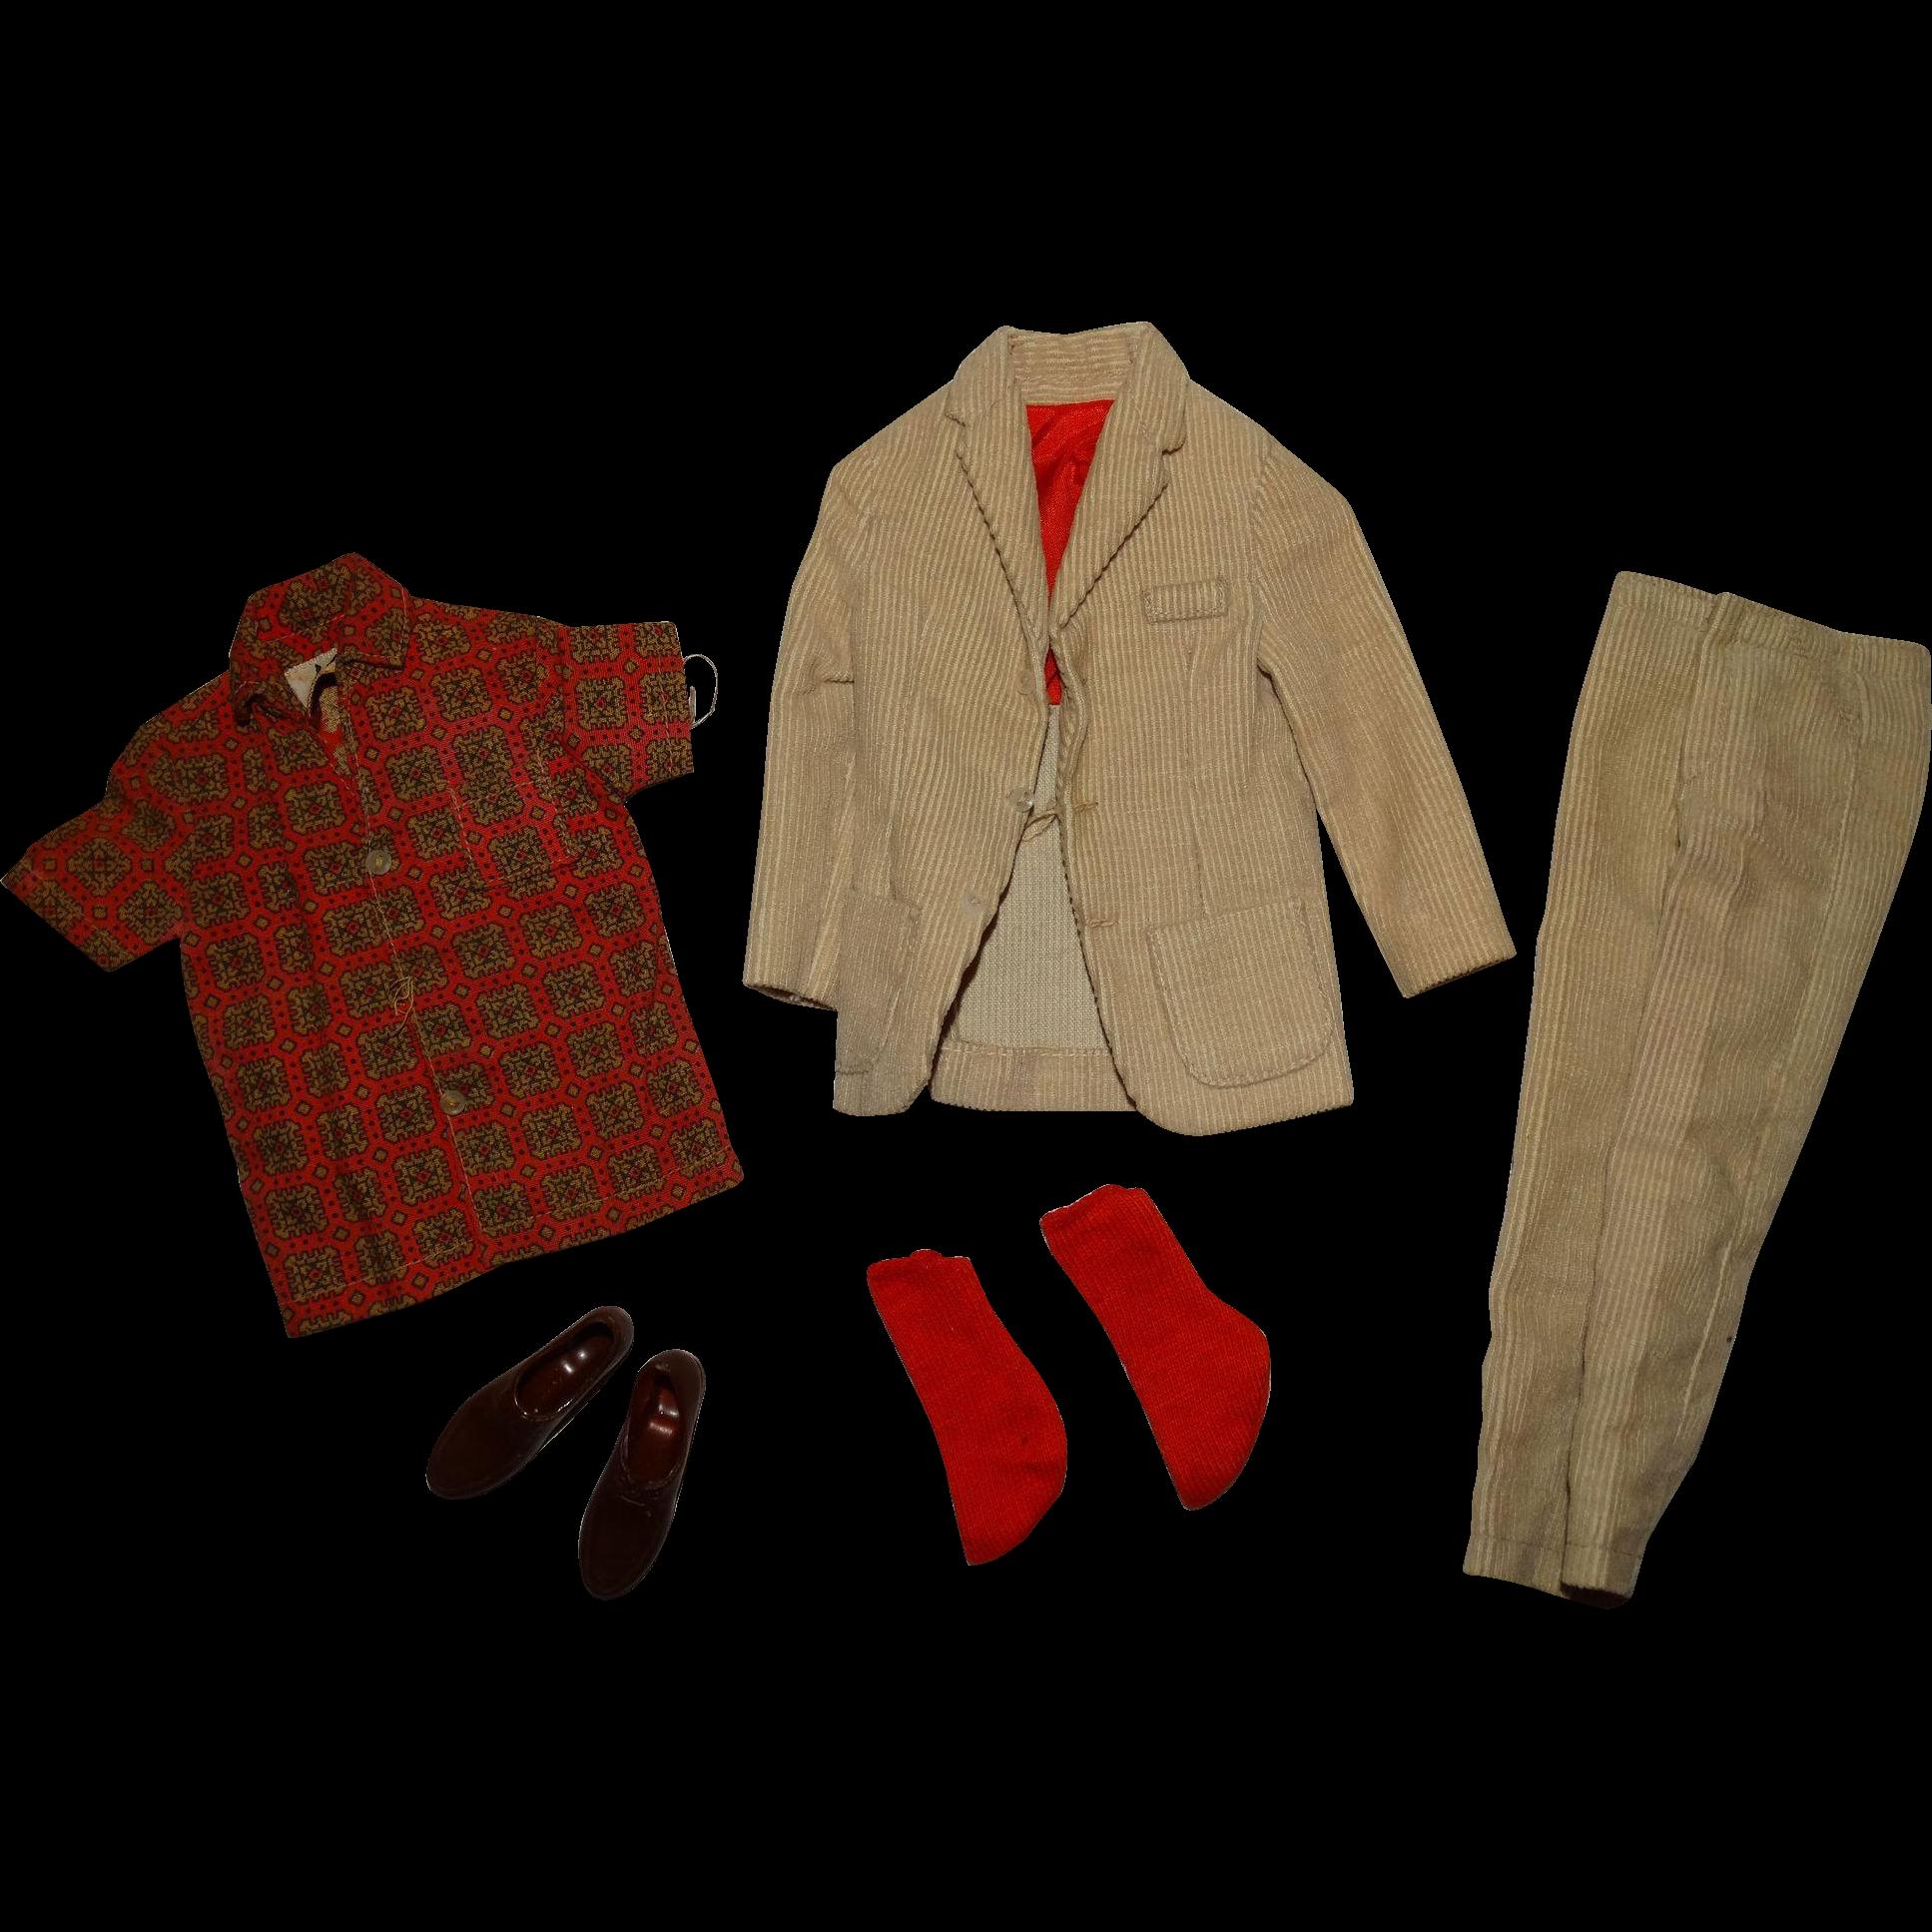 Vintage Ken Complete Pak Campus Cords Outfit